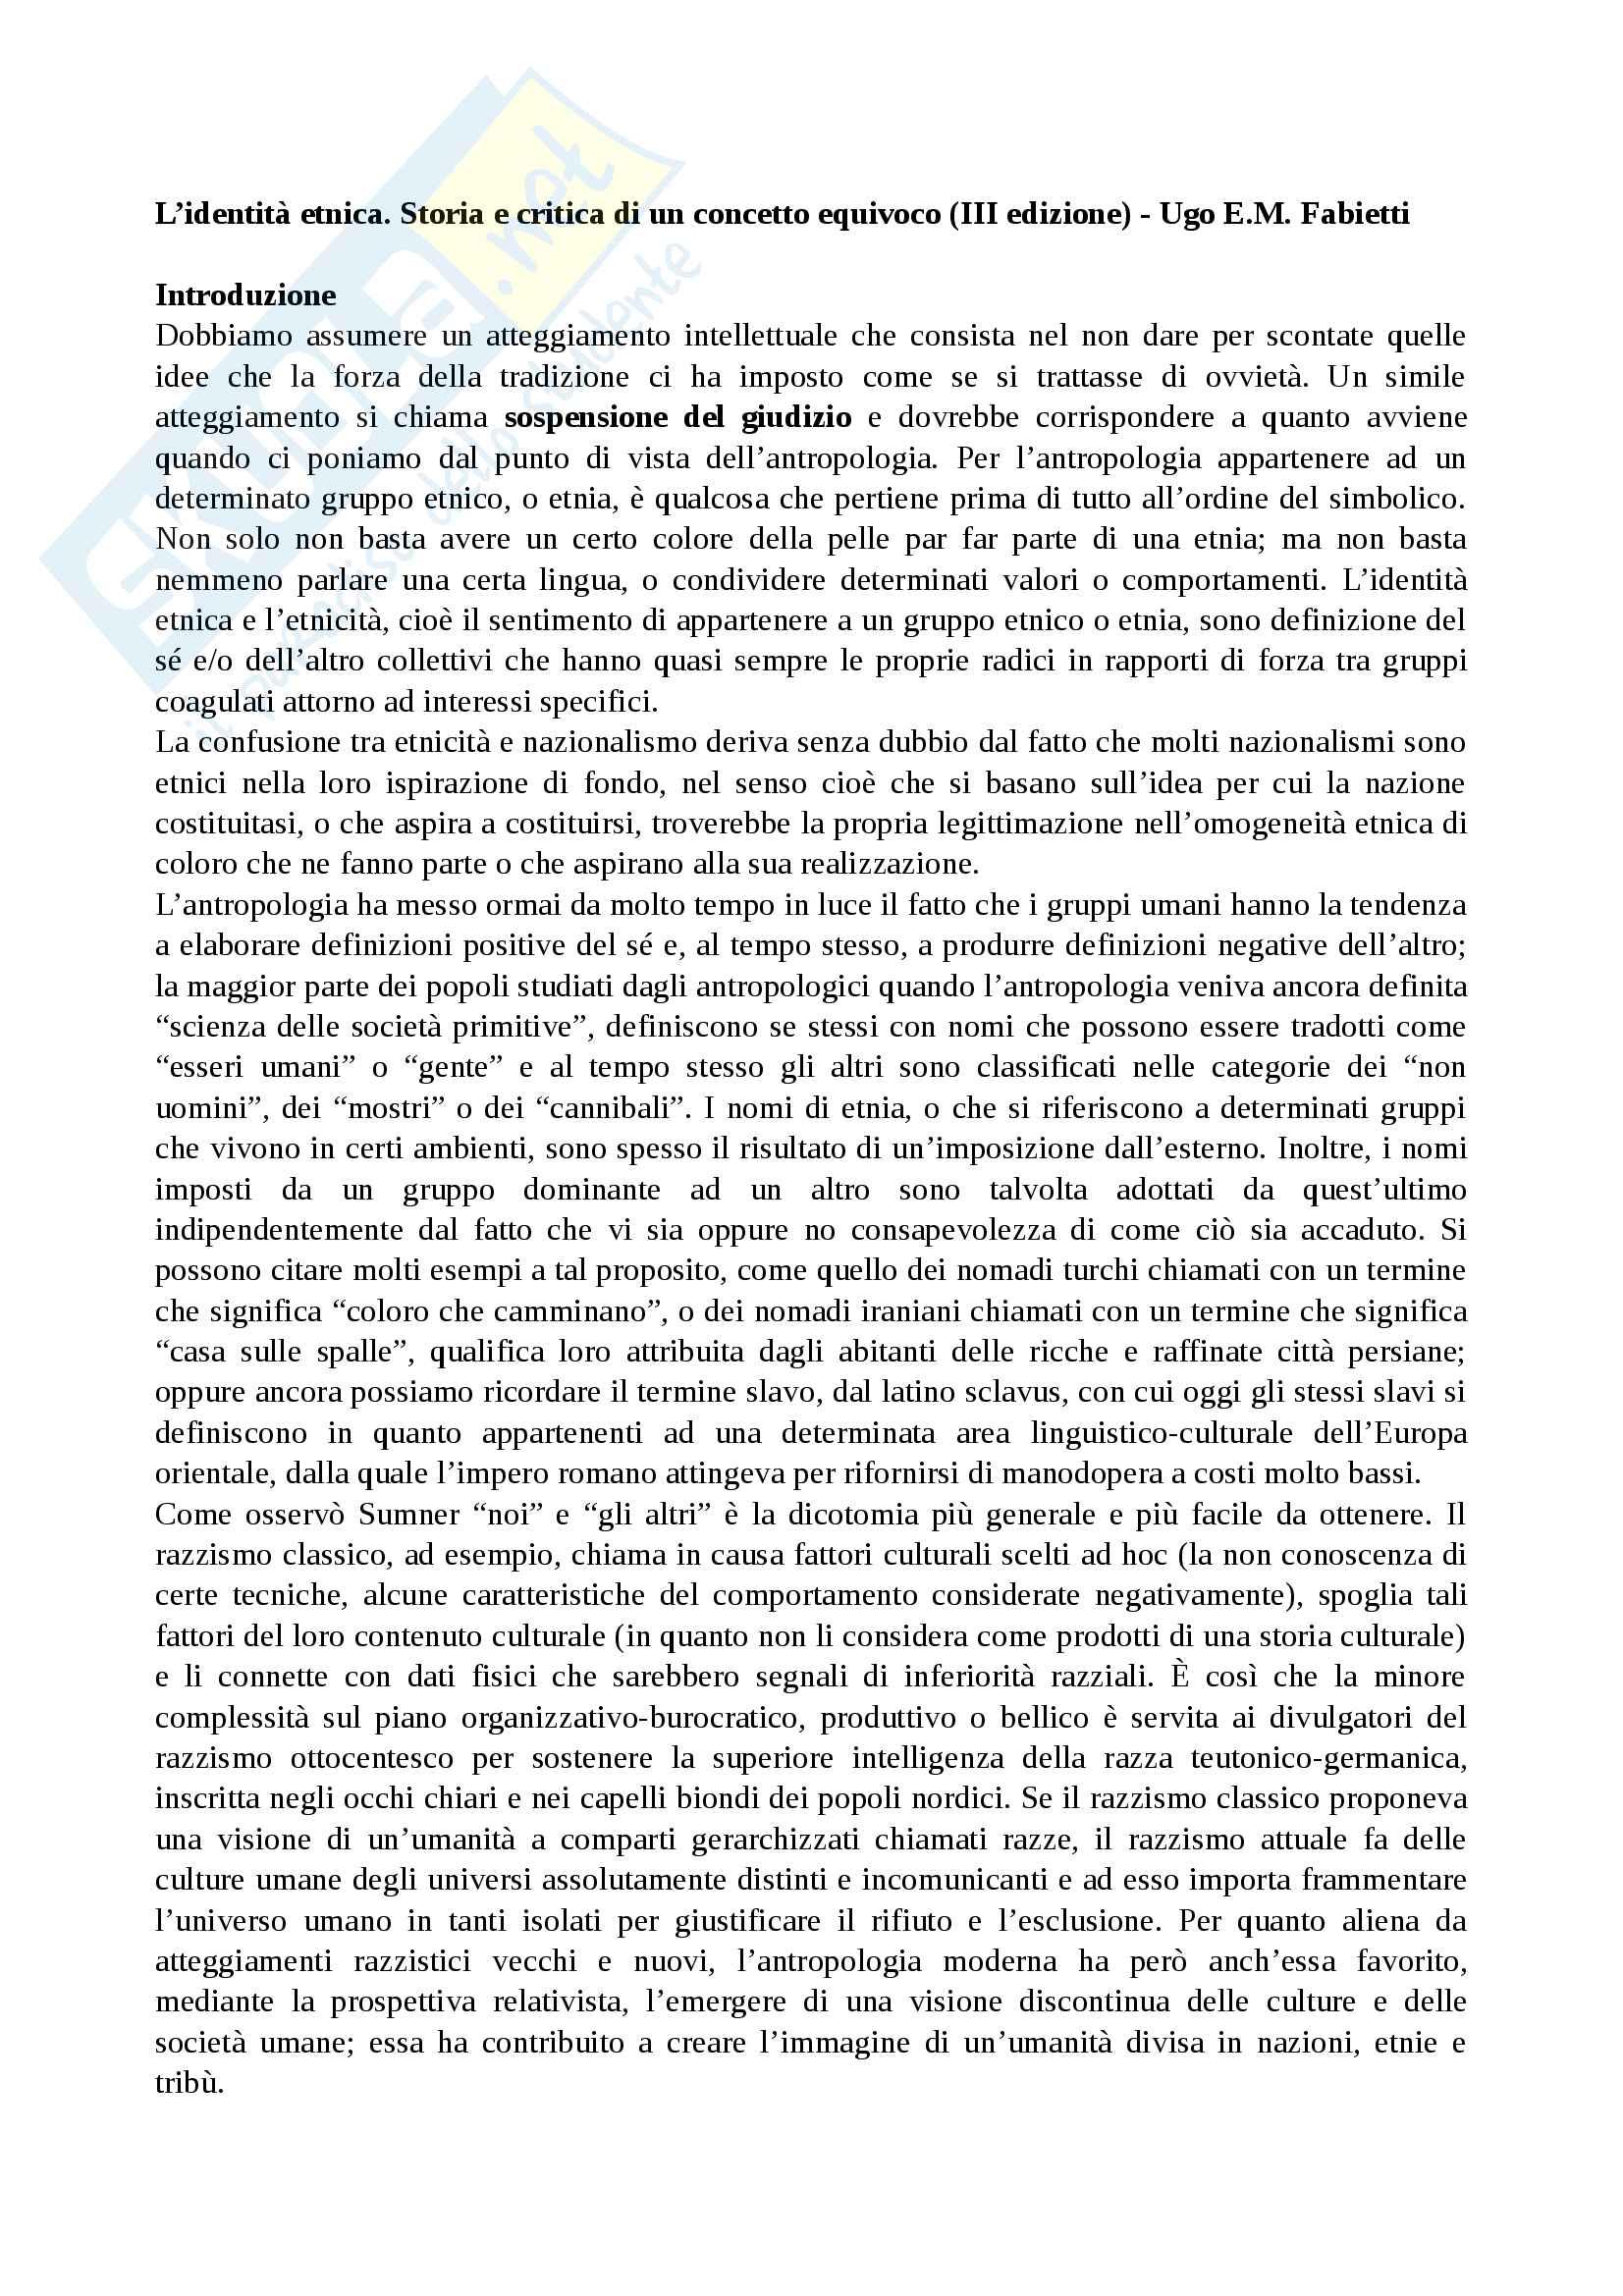 Riassunto esame cultura e potere, prof. Favole, libro consigliato L'identità etnica (III edizione), Fabietti